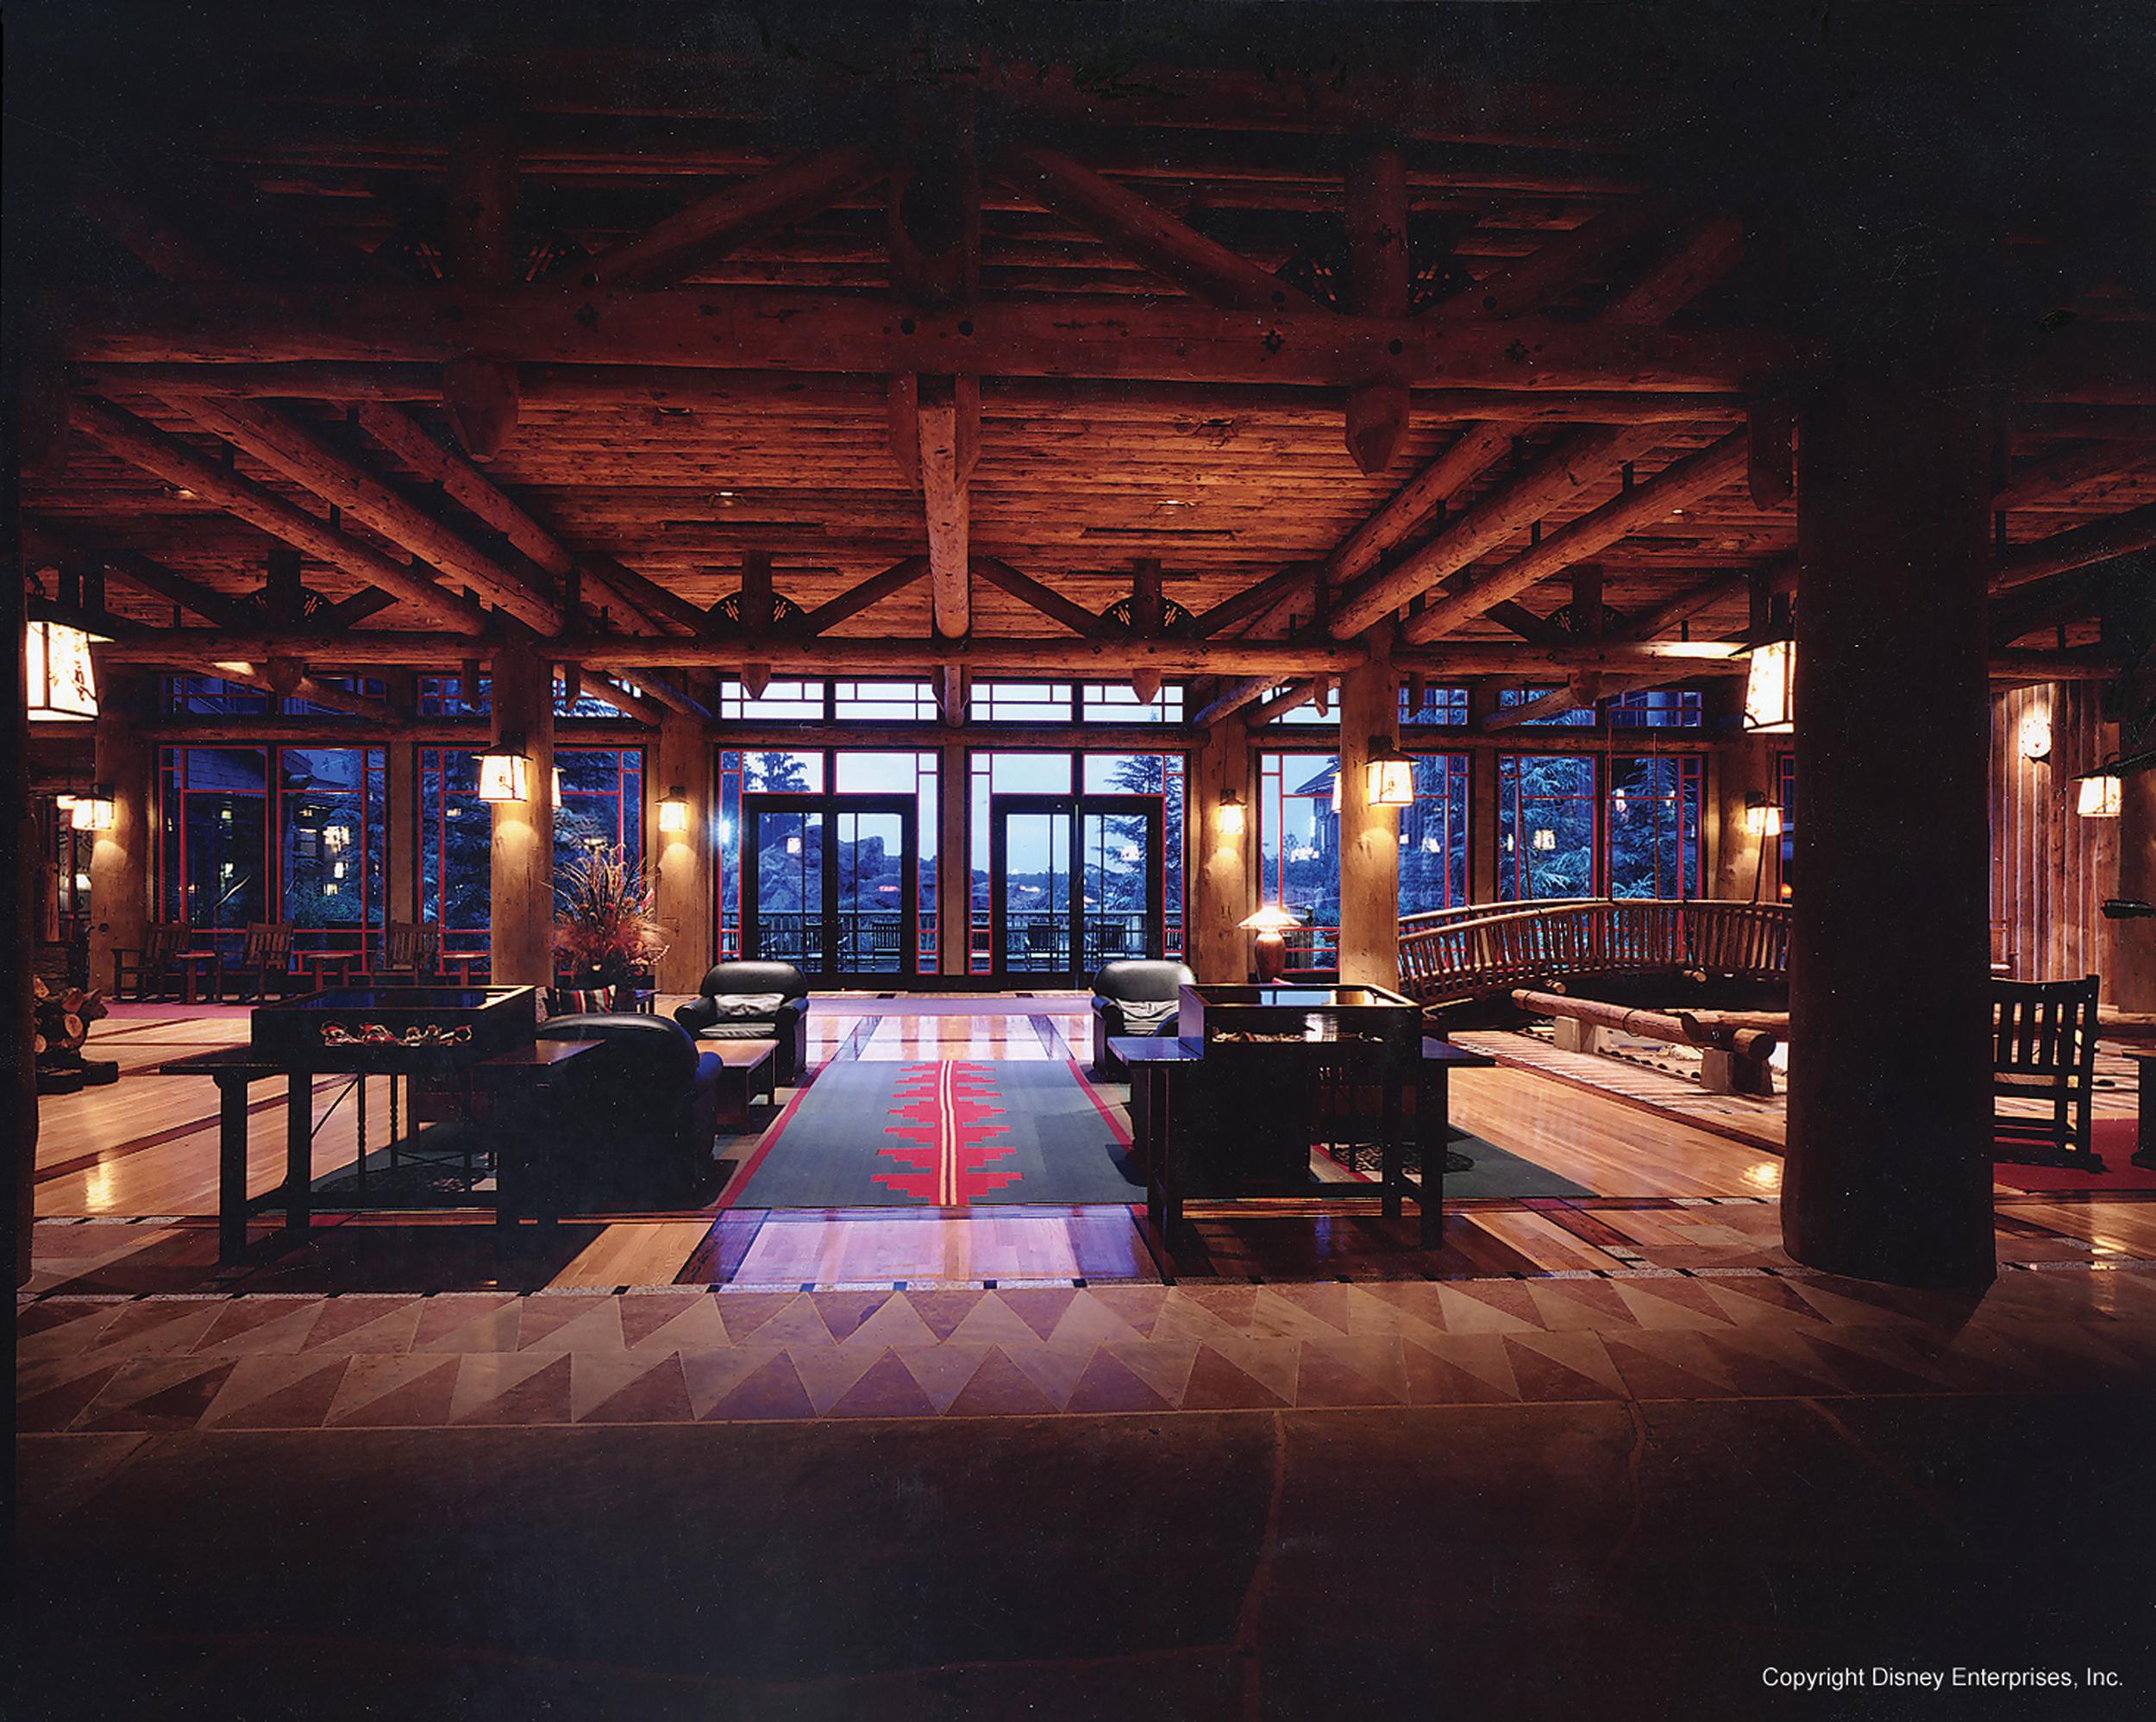 disney_wilderness_lodge_anaheim_florida_interior.jpg